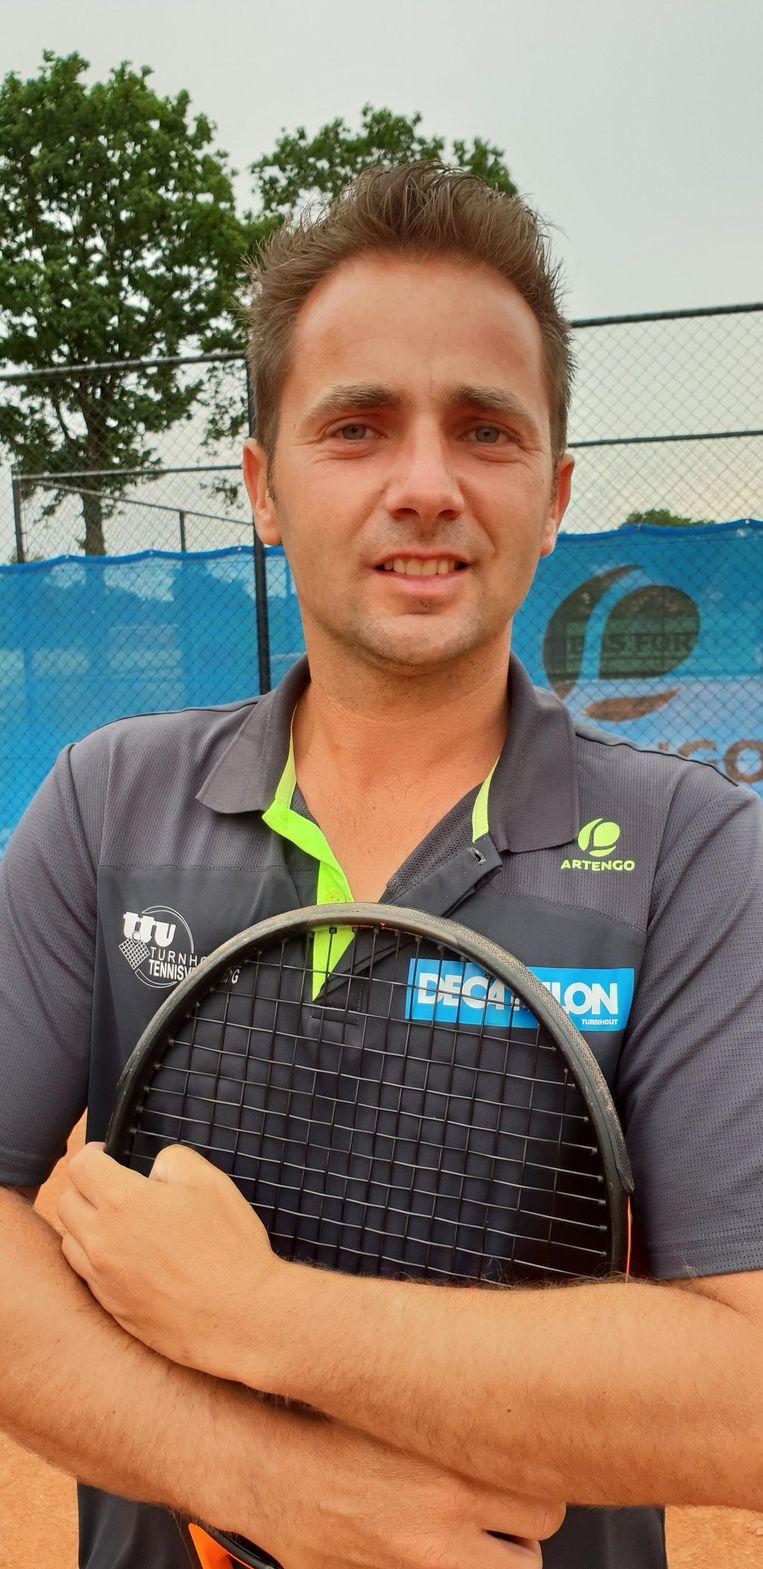 Tom Baten van Top Tennis Team.